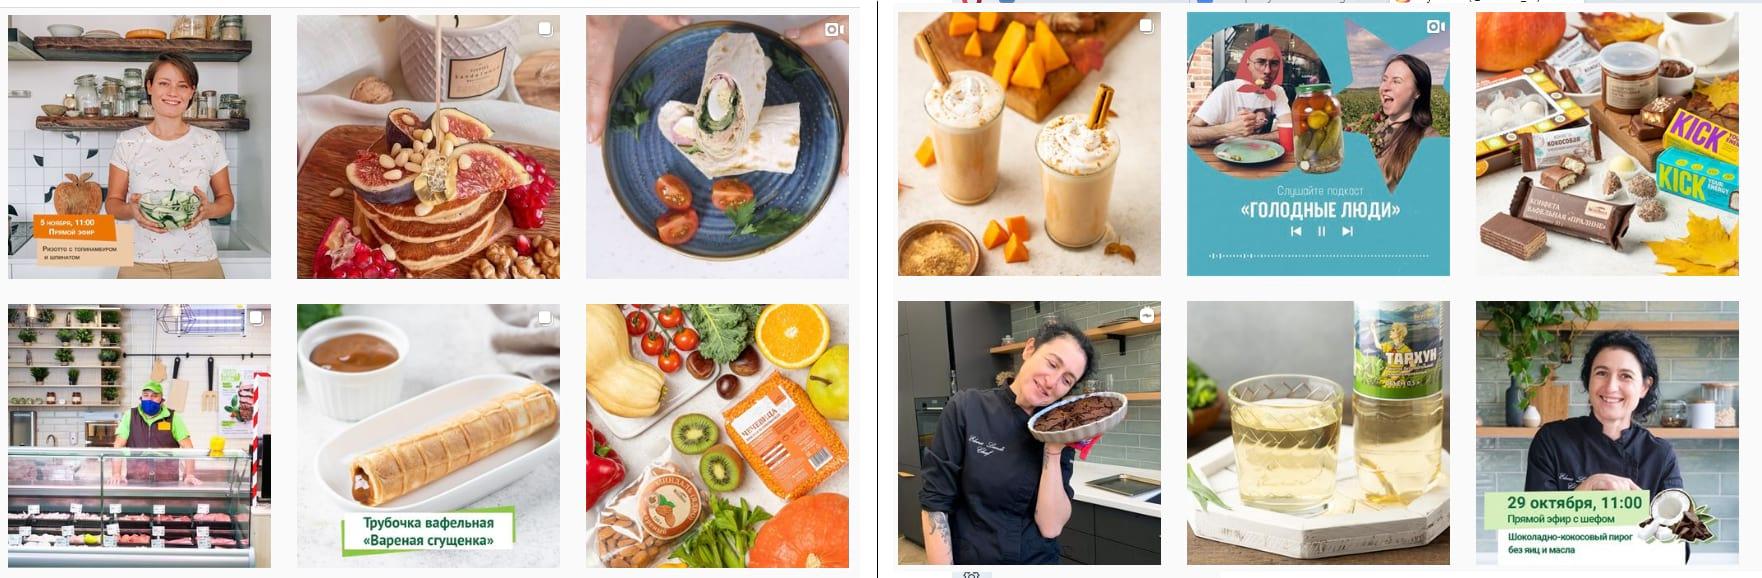 Показаны и продукты, и готовые блюда, и сотрудники, и приглашенные гости.